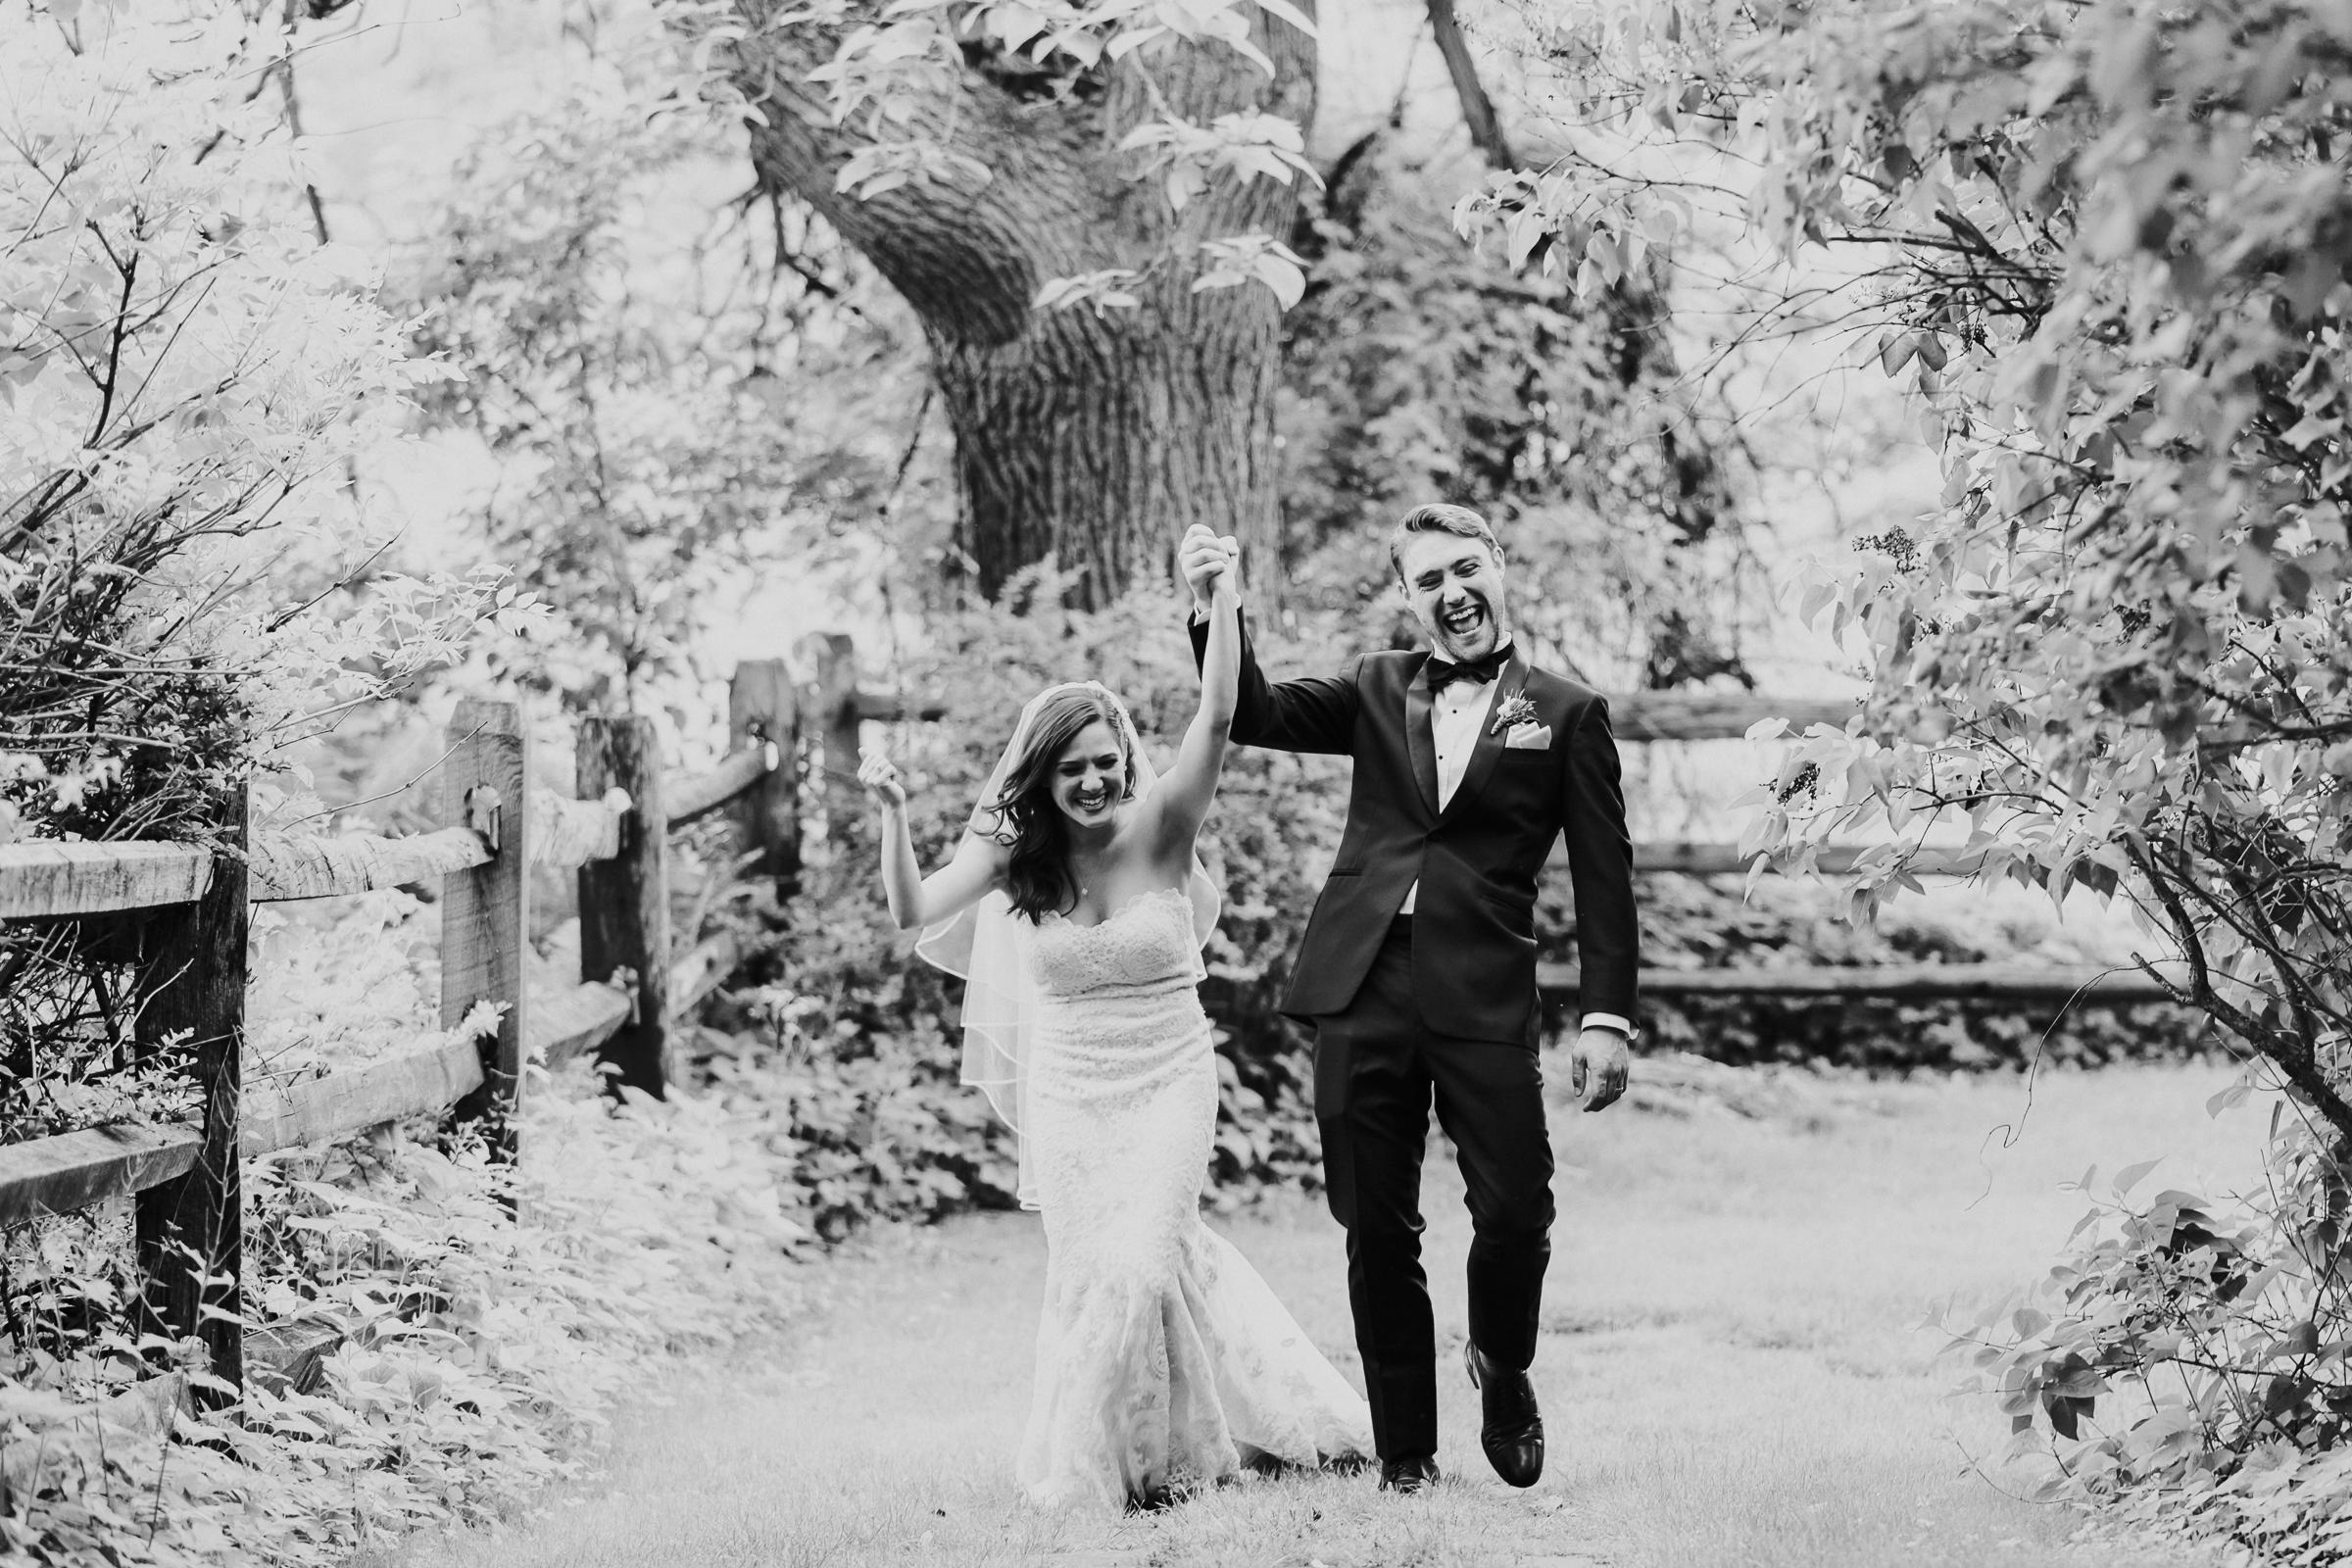 Crossed-Keys-Estate-Andover-NJ-Fine-Art-Documentary-Wedding-Photographer-94.jpg